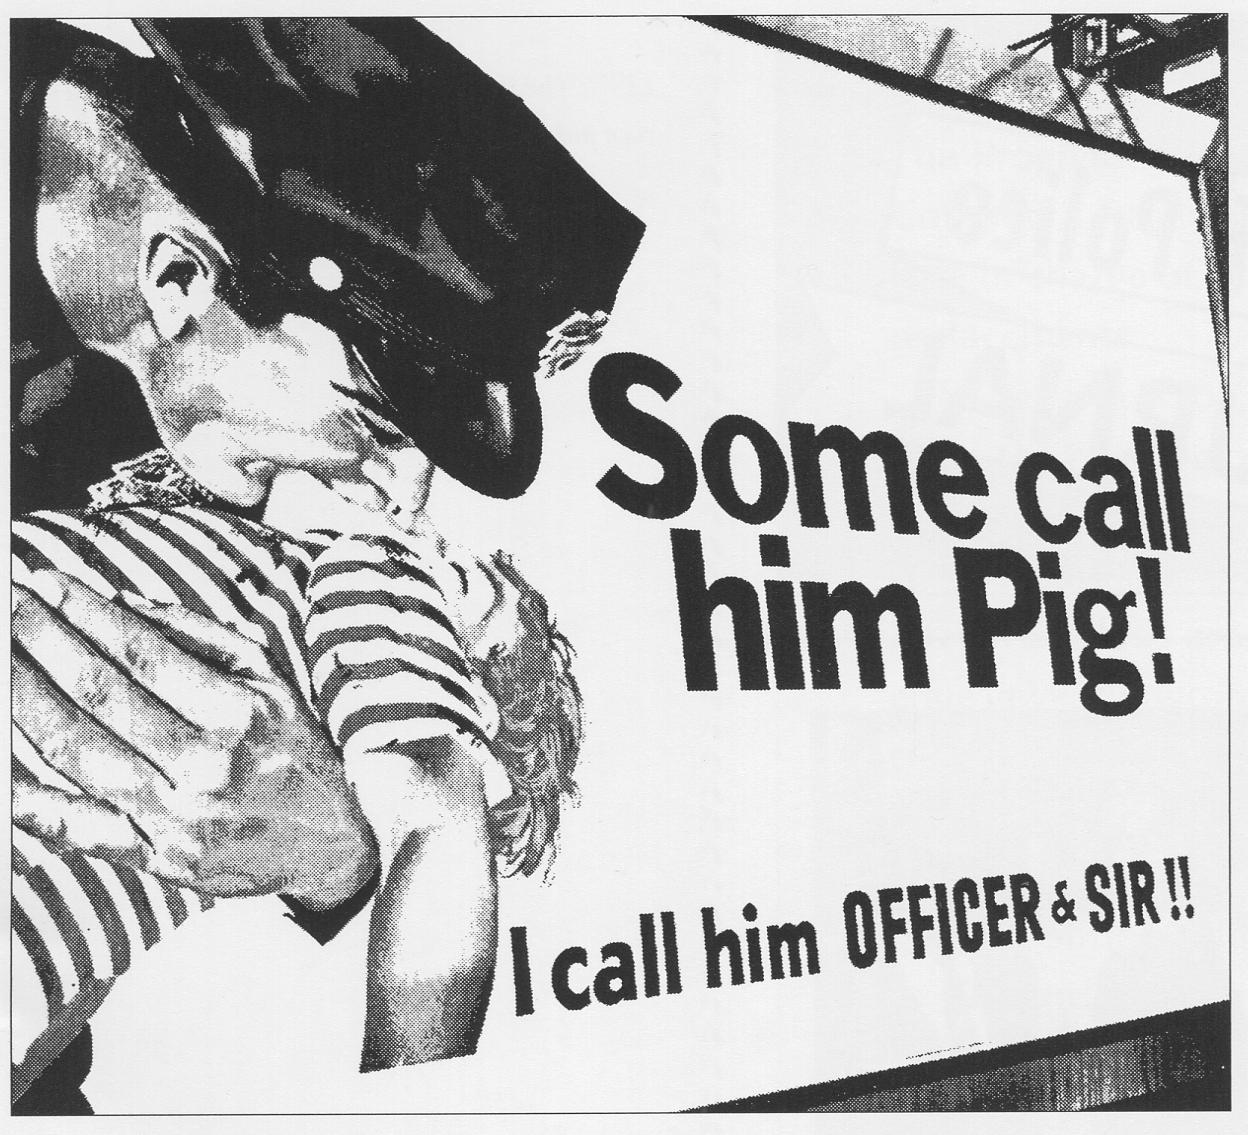 Valla publicitaria de la Logia:«Algunos le llaman cerdo. Yo lo llamo oficial y señor»